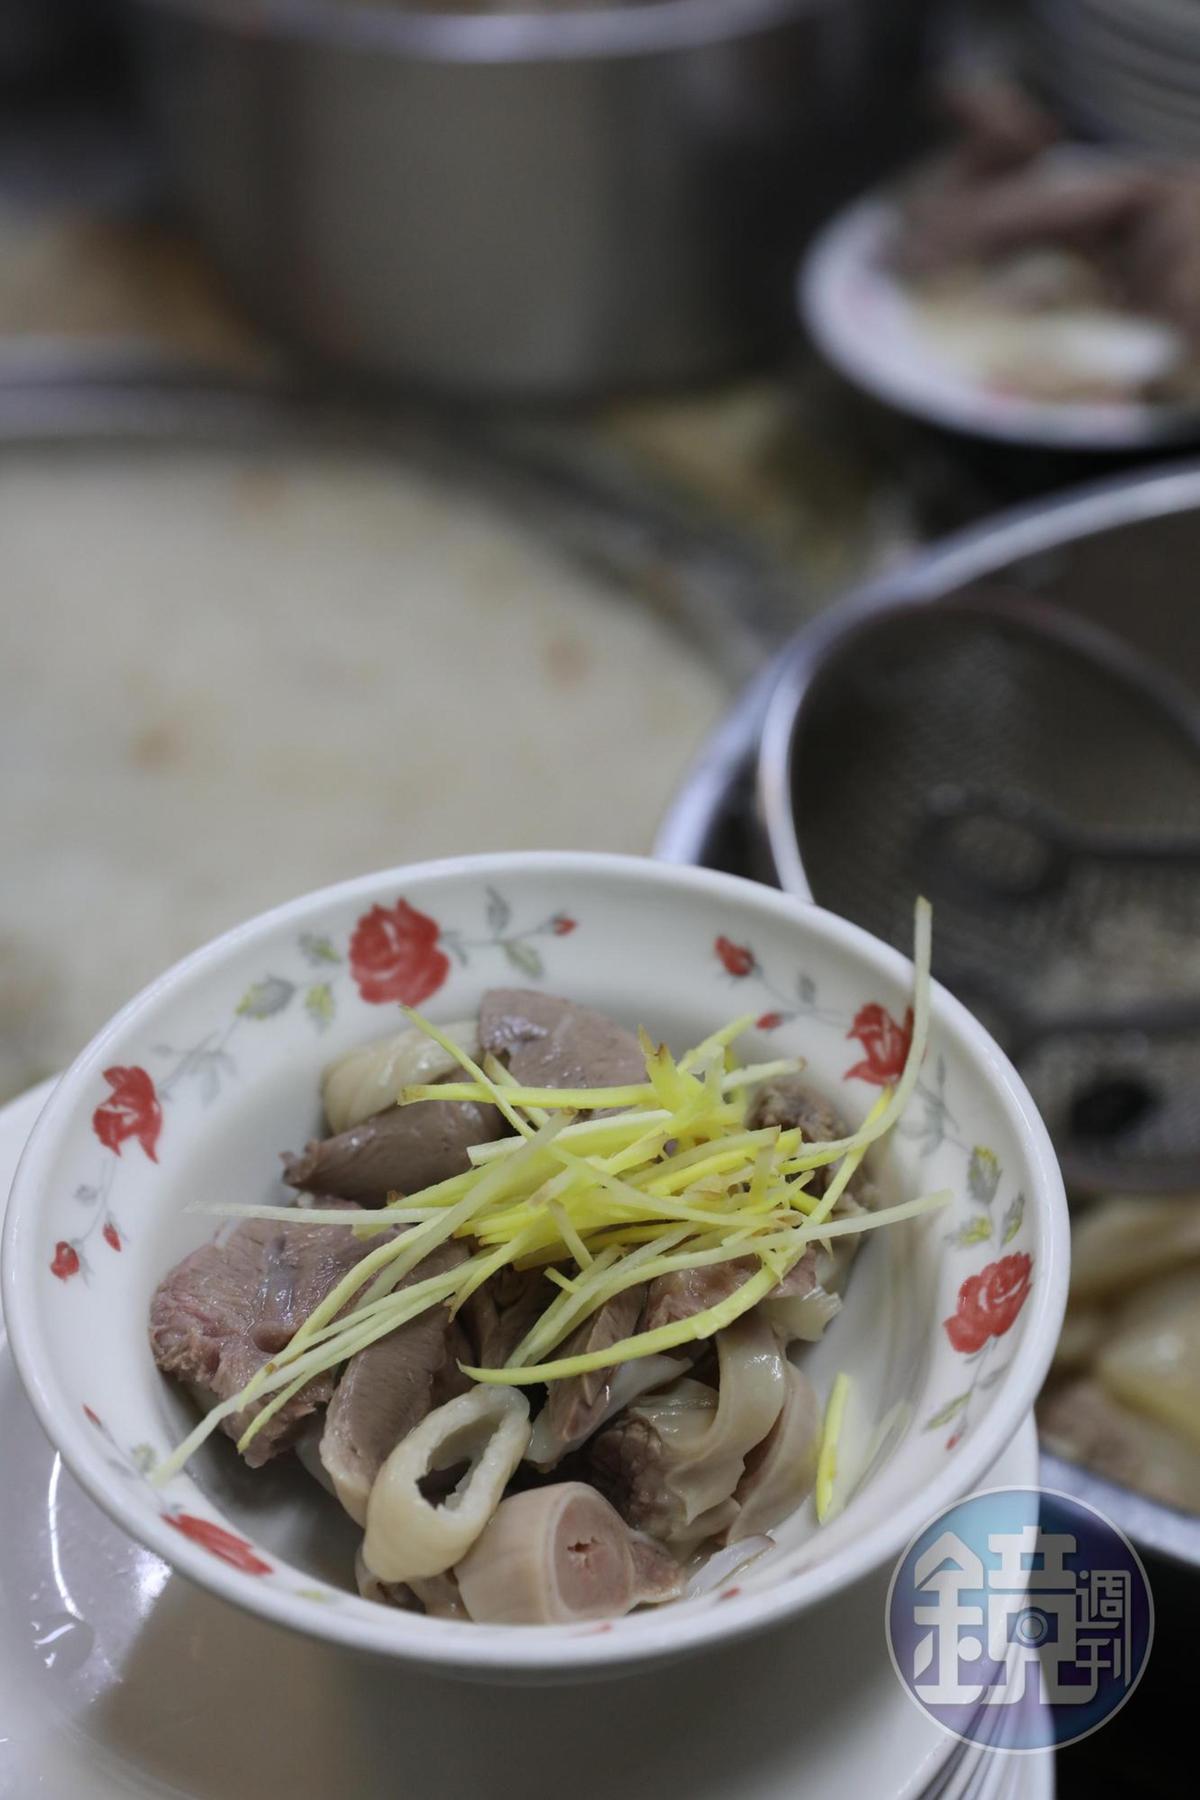 「羅媽媽米粉湯」隱藏版料理「綜合內臟湯」,是內臟控的天菜。